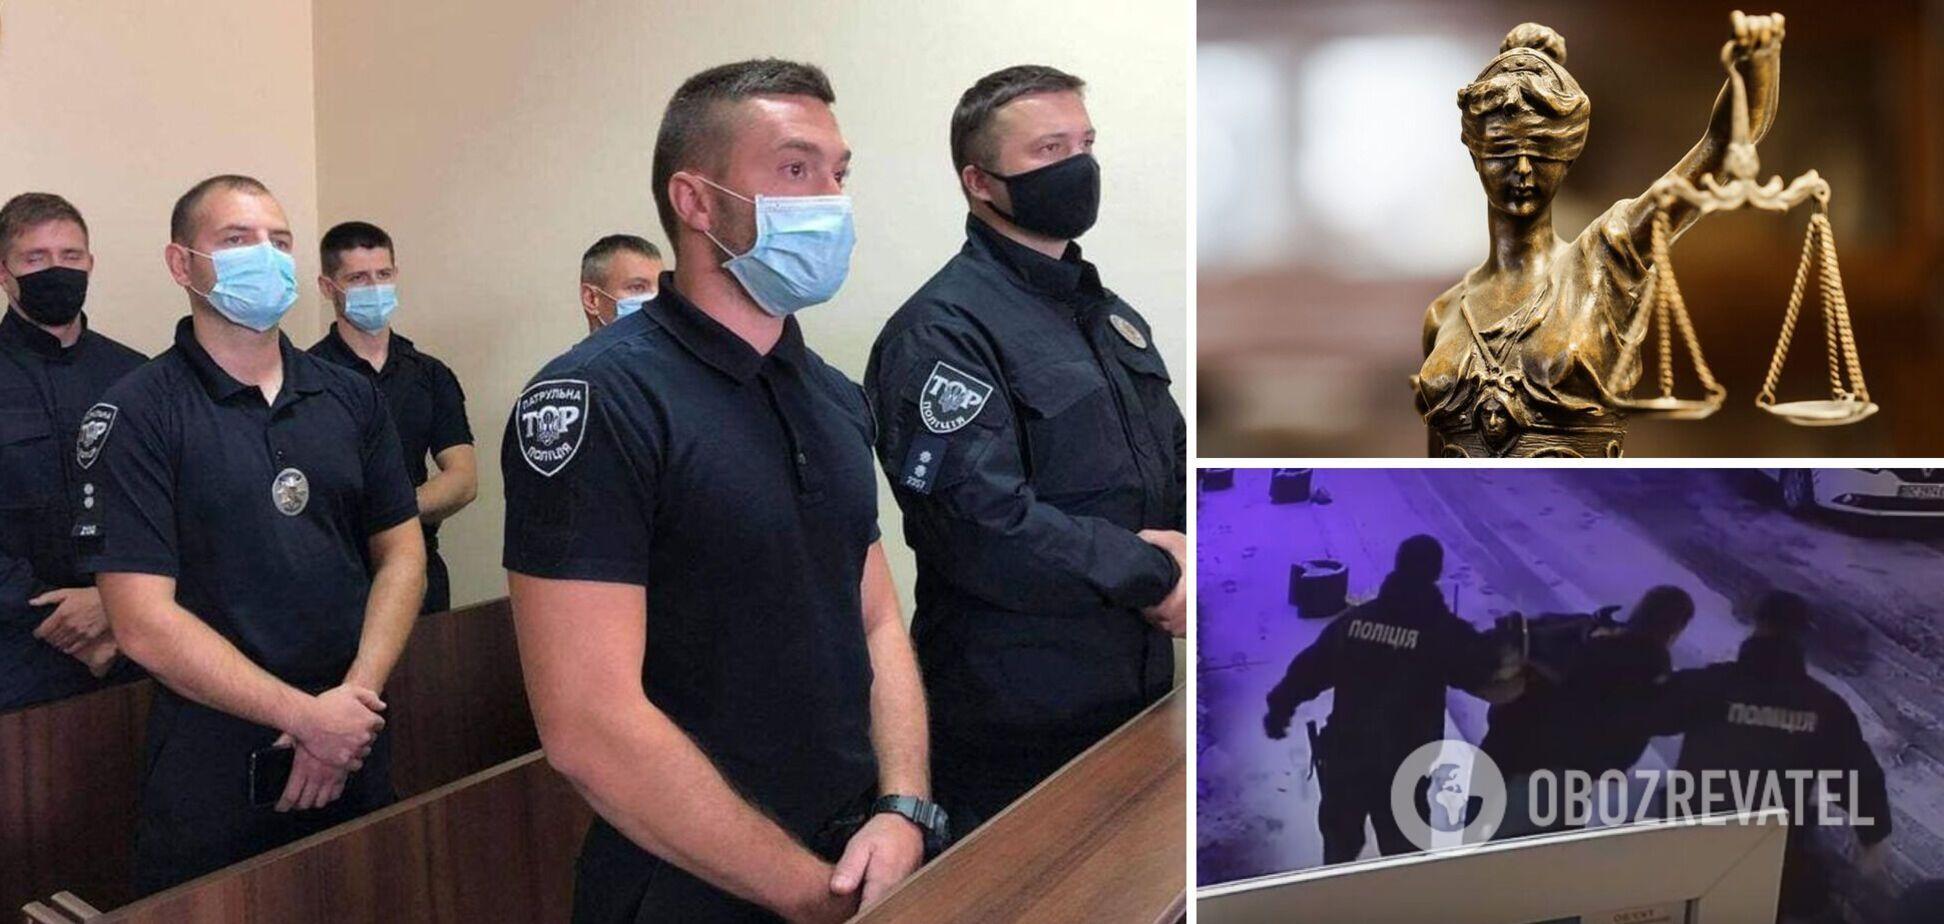 Львовских патрульных признали виновными в превышении полномочий